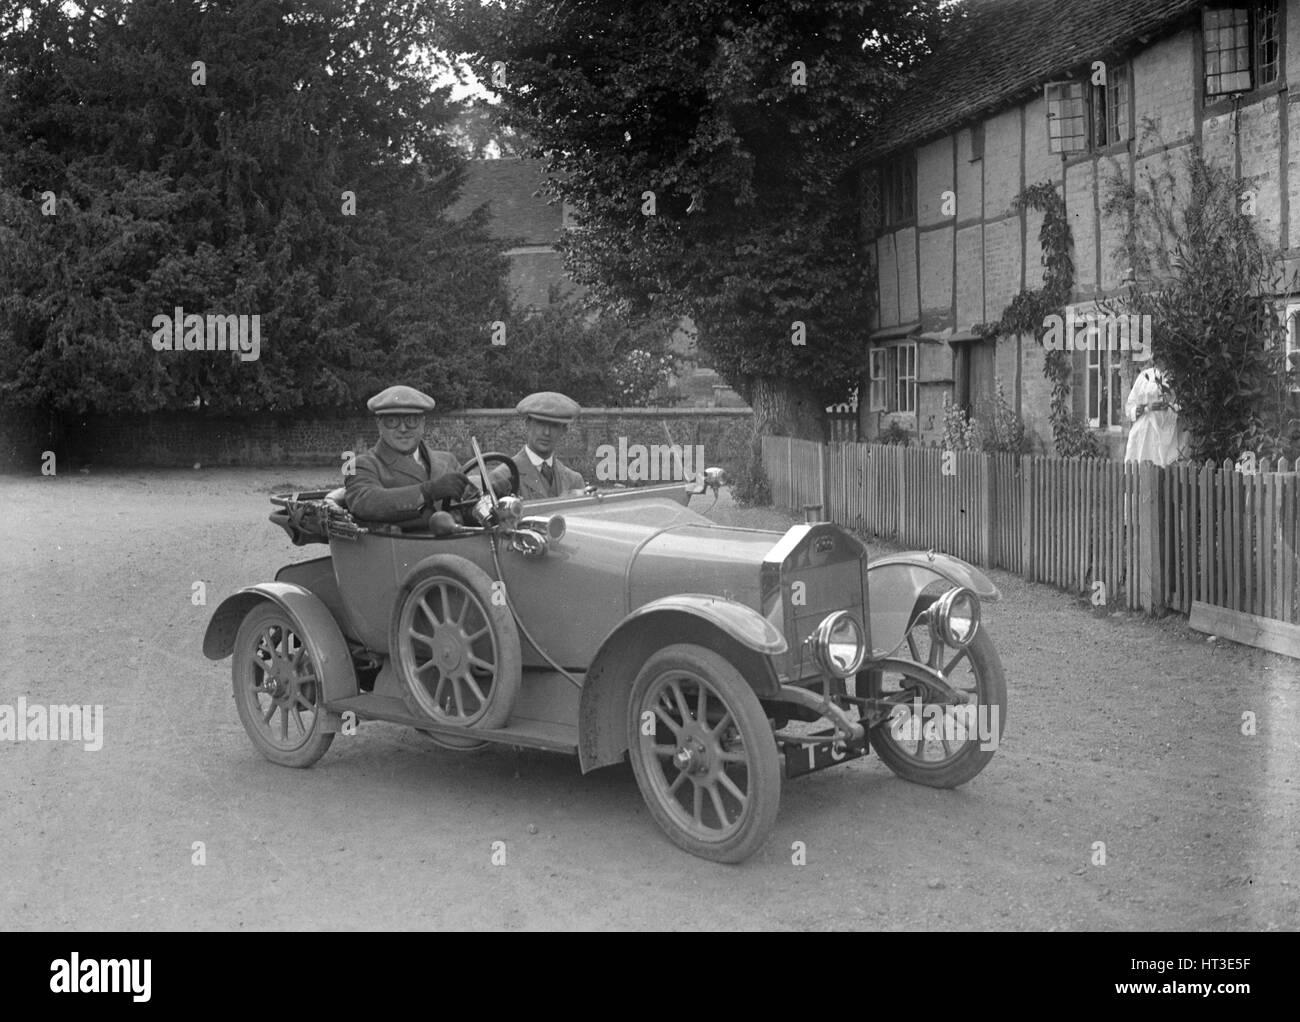 Singer Open 2-seater car. Artist: Bill Brunell. - Stock Image